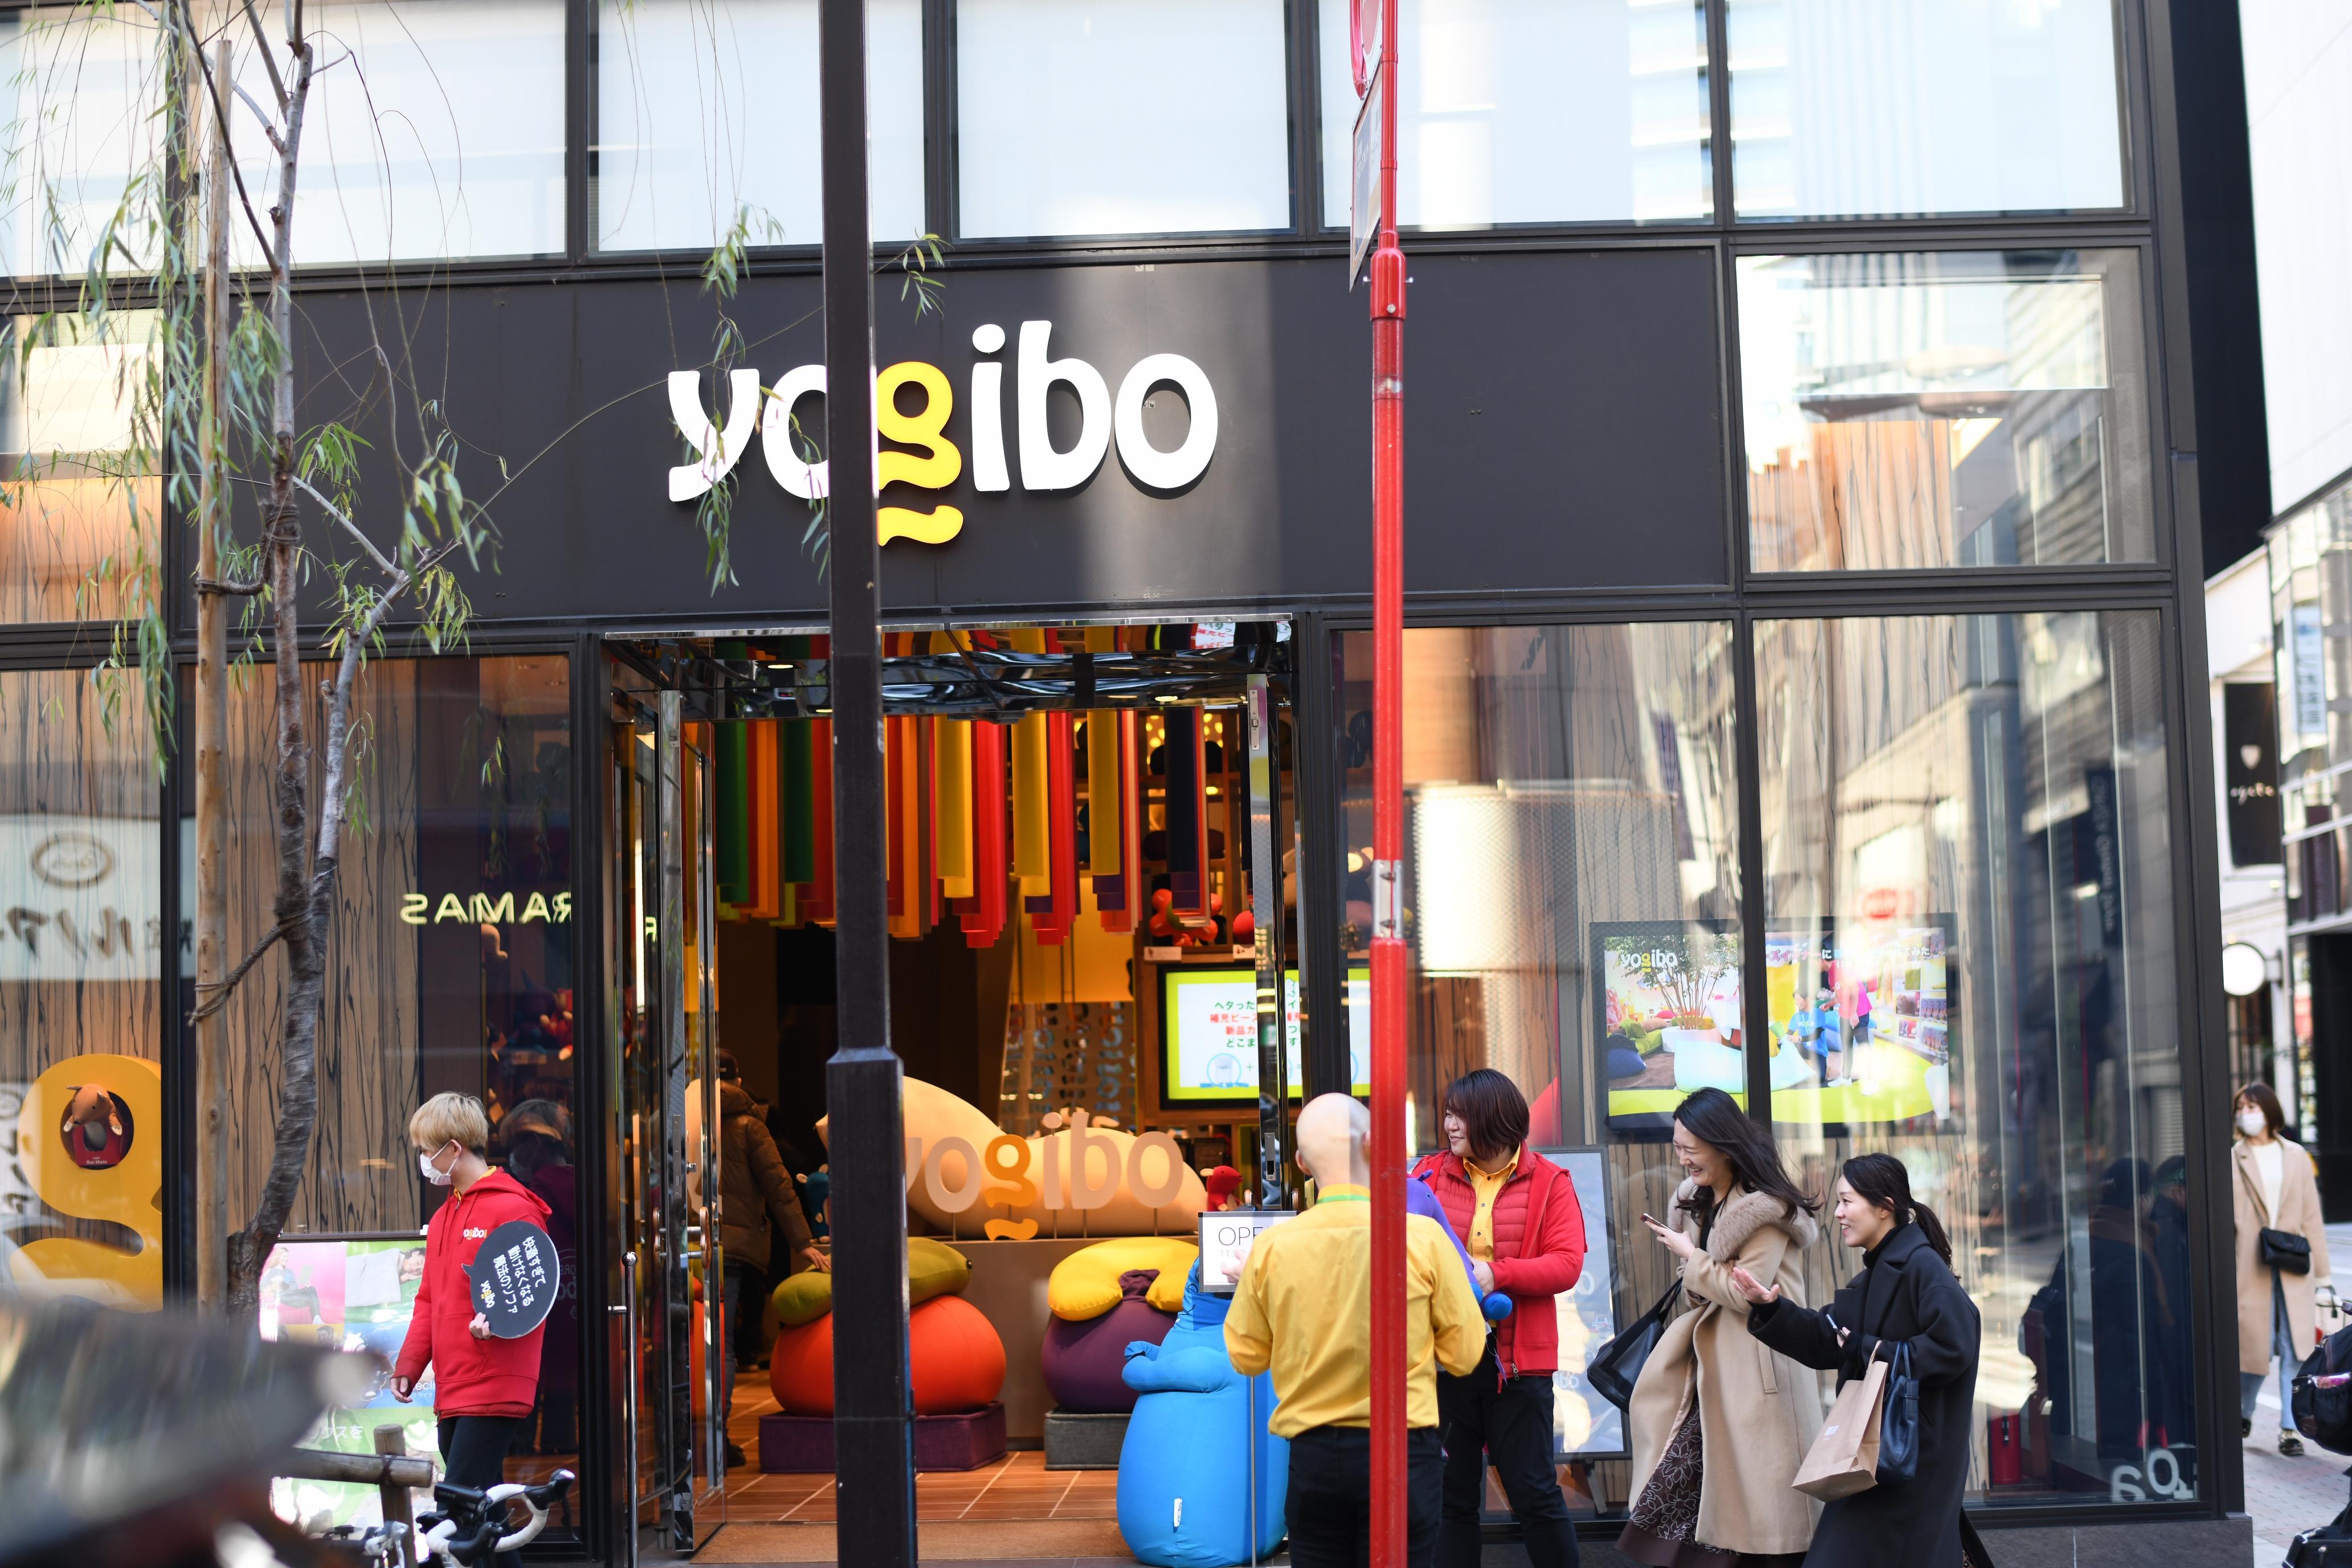 銀座yogiboに行った